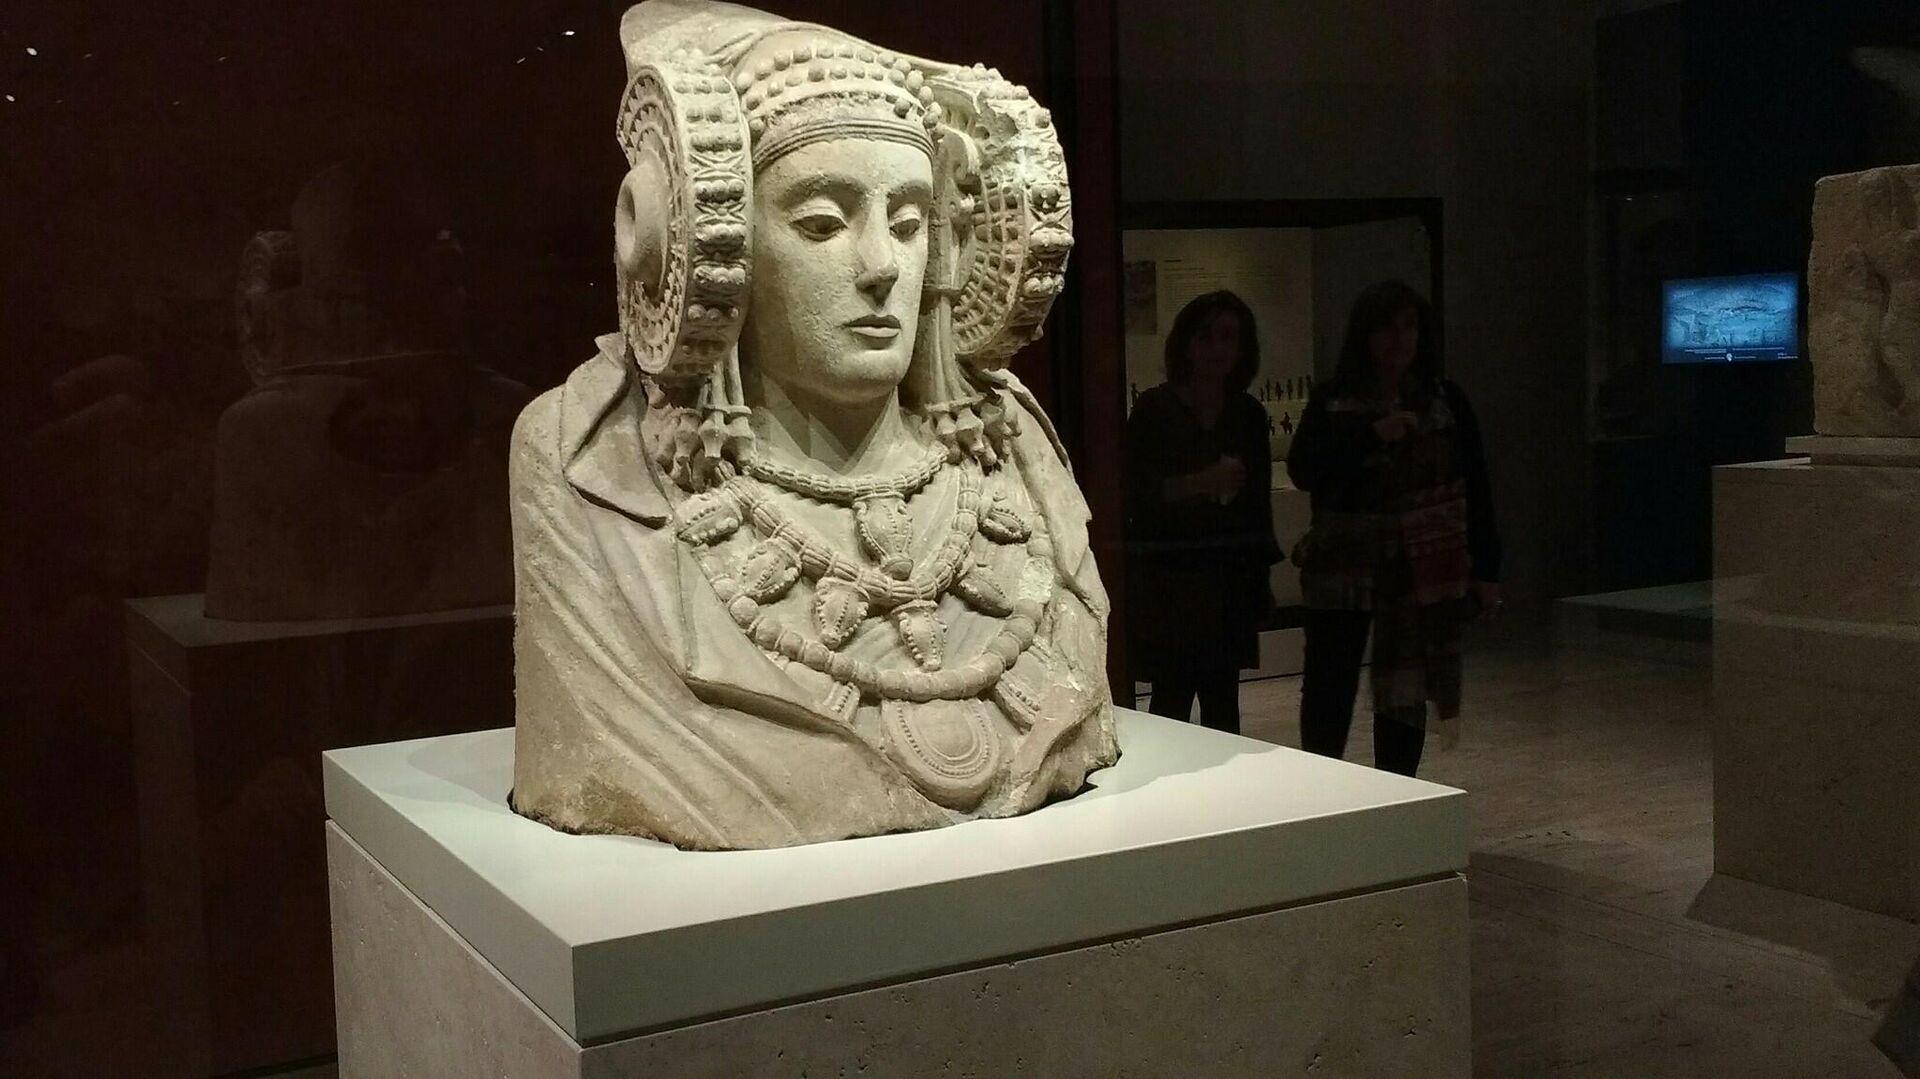 La Dama de Elche, en el Museo Arqueológico Nacional - Sputnik Mundo, 1920, 11.03.2021